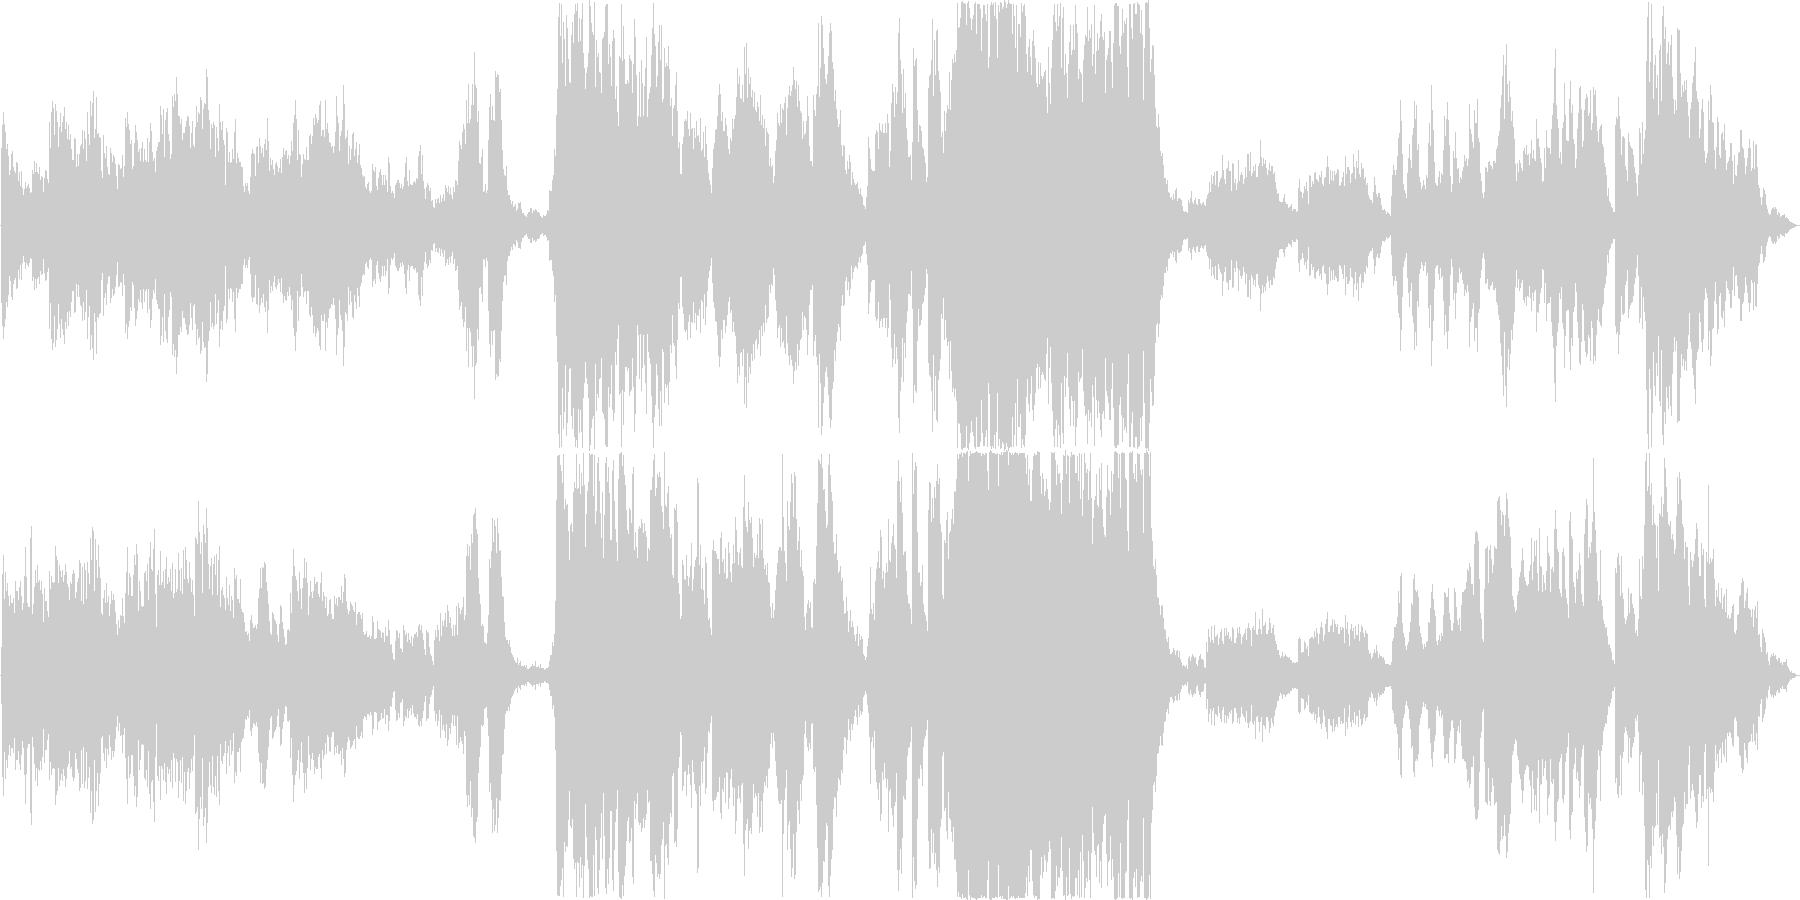 ハロウィン、映画用壮大ホラーオーケストラの未再生の波形